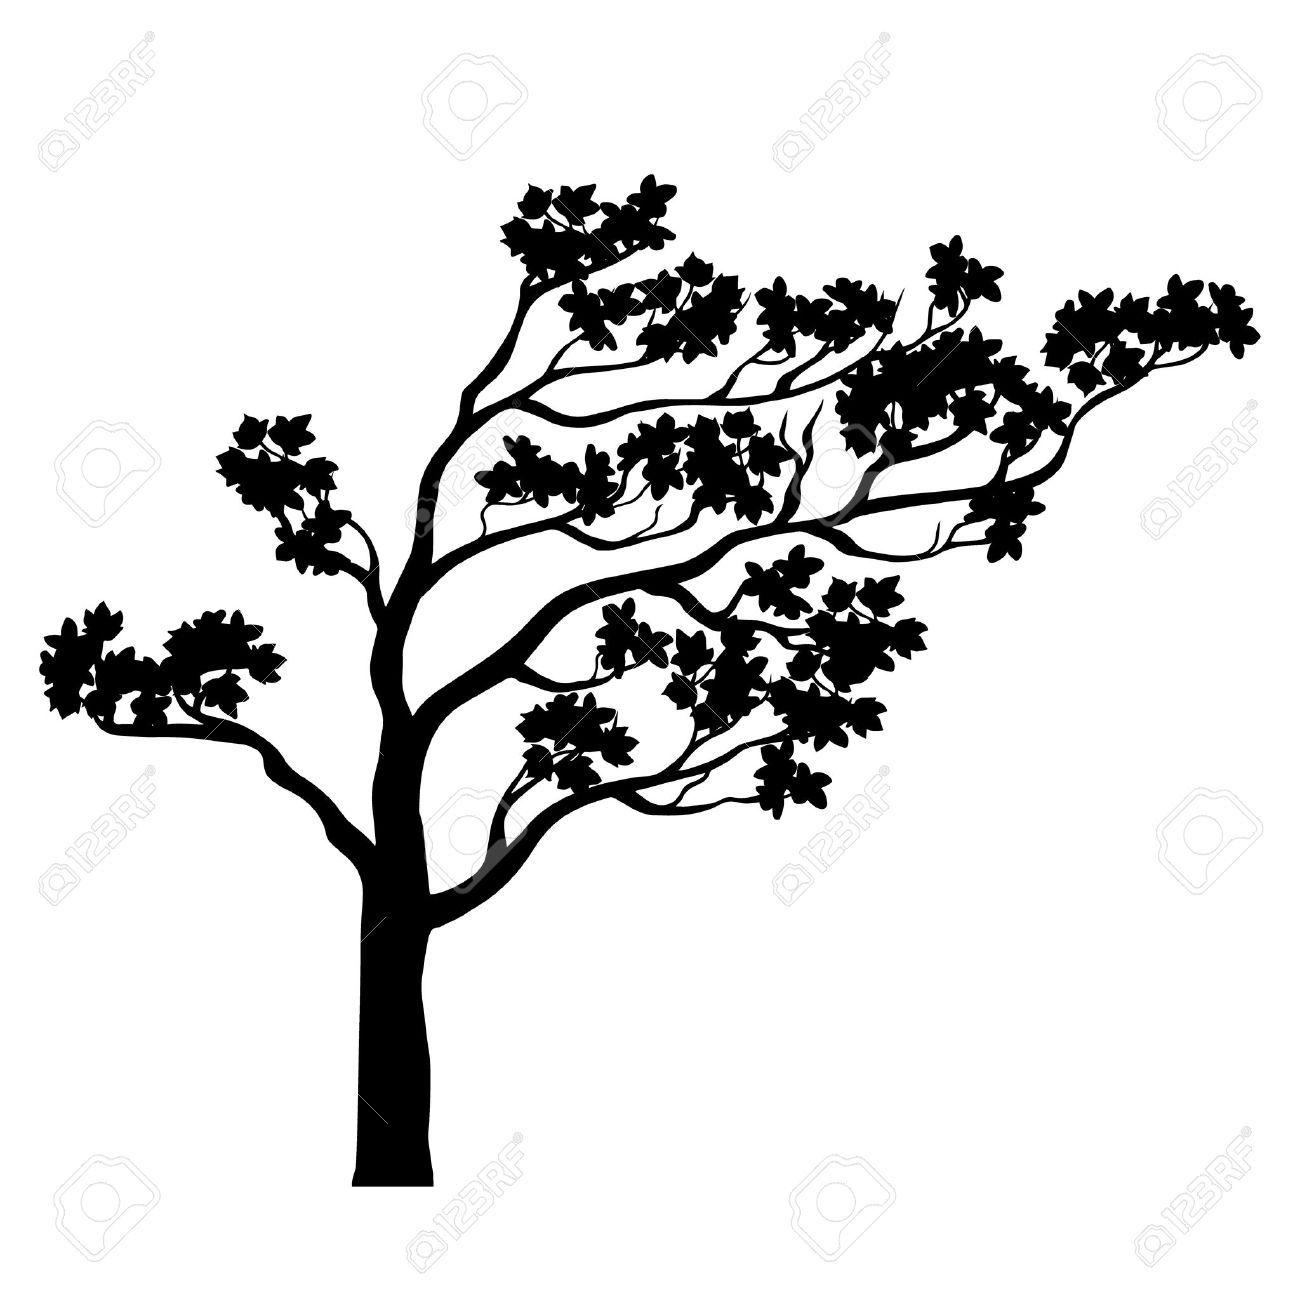 Albero Sakura Silhouette Contorno Isolato In Bianco E Nero Un